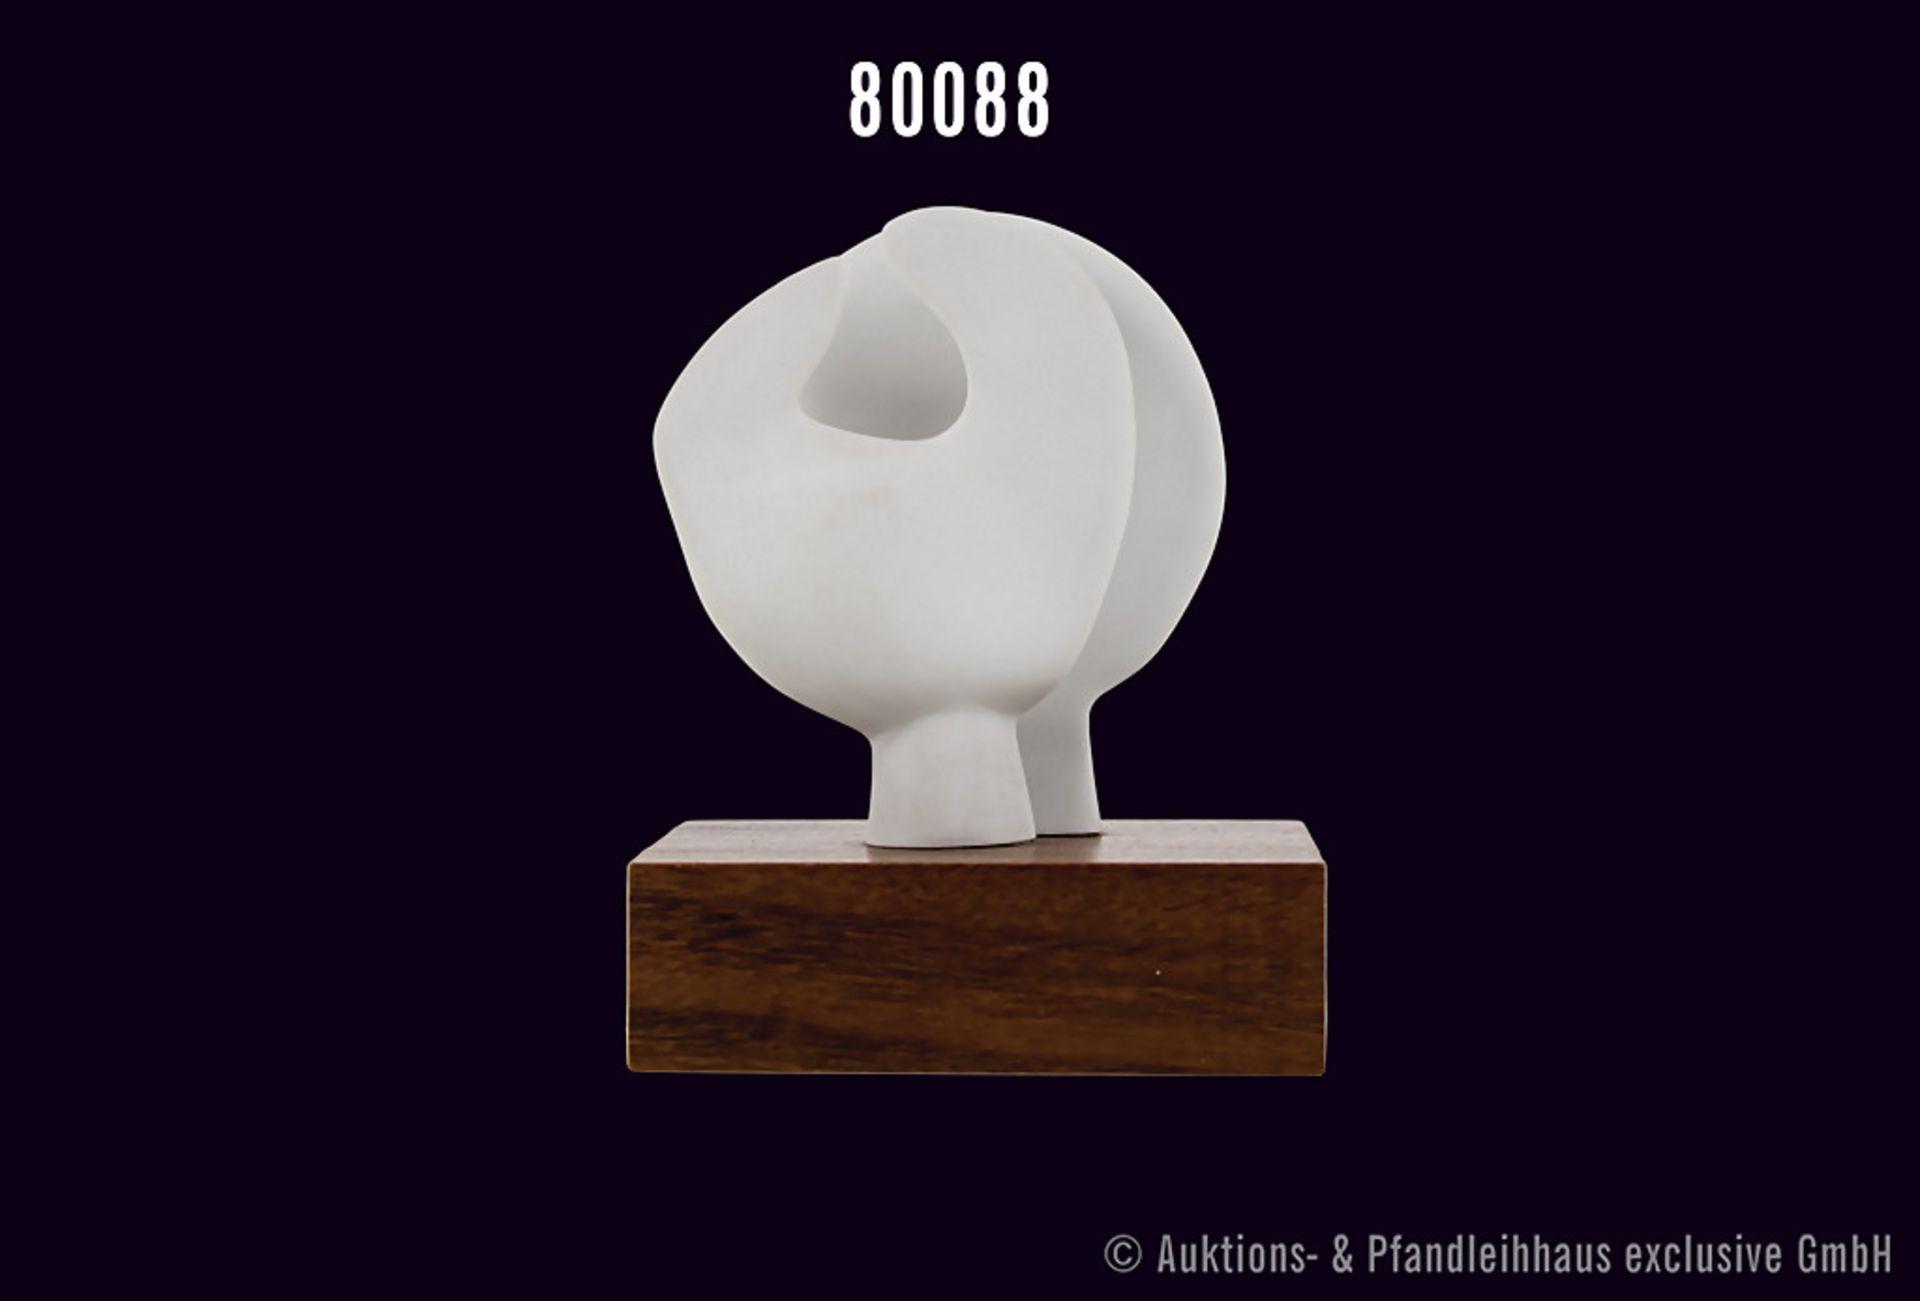 """Rosenthal Porzellan, Skulptur von Henry Moore, Titel """"Moonhead"""", weißes Porzellan auf Holzsockel,"""